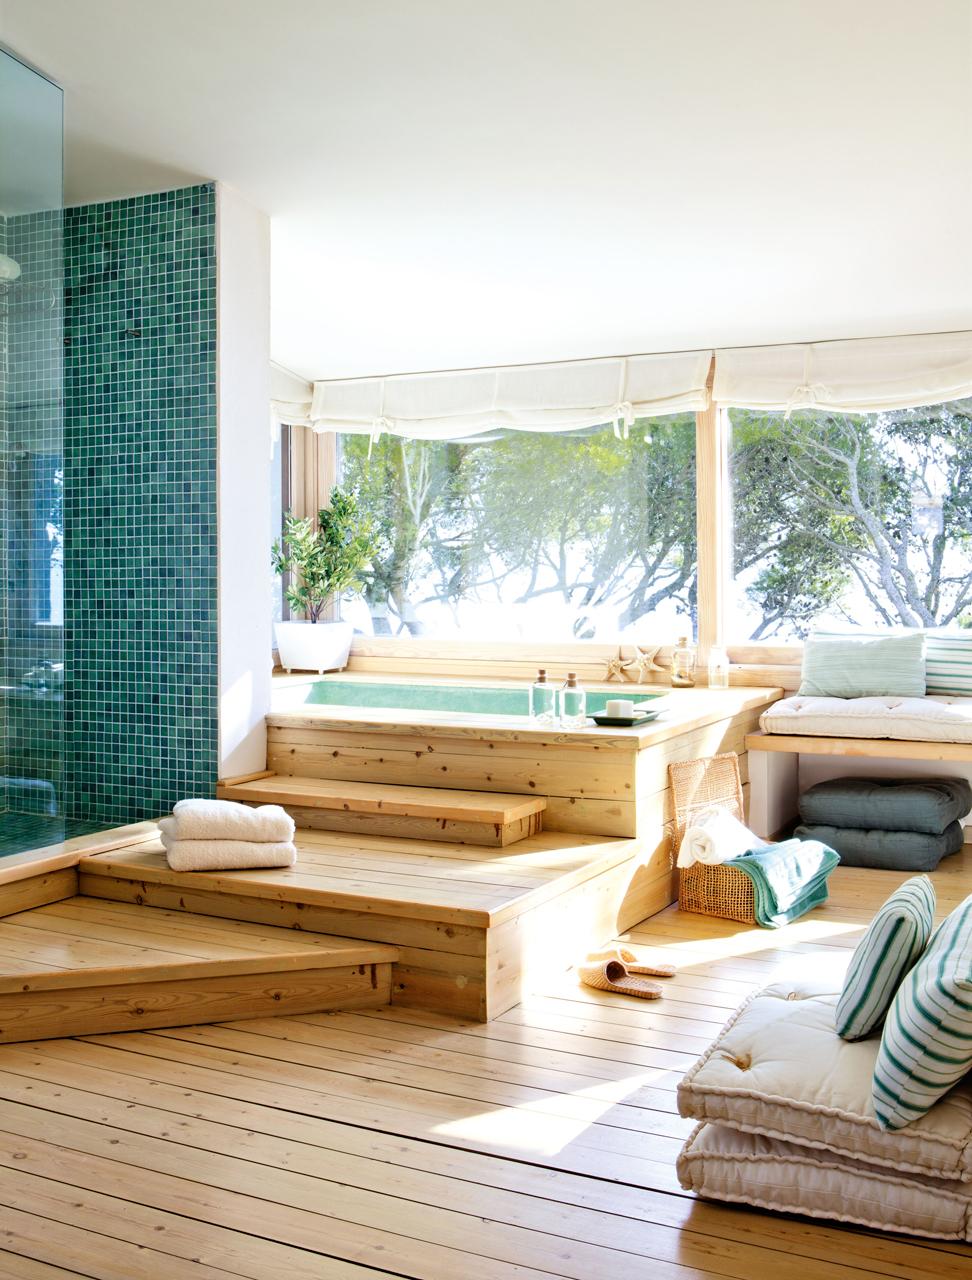 El abc de la casa ecol gica - Banos con suelo de madera ...